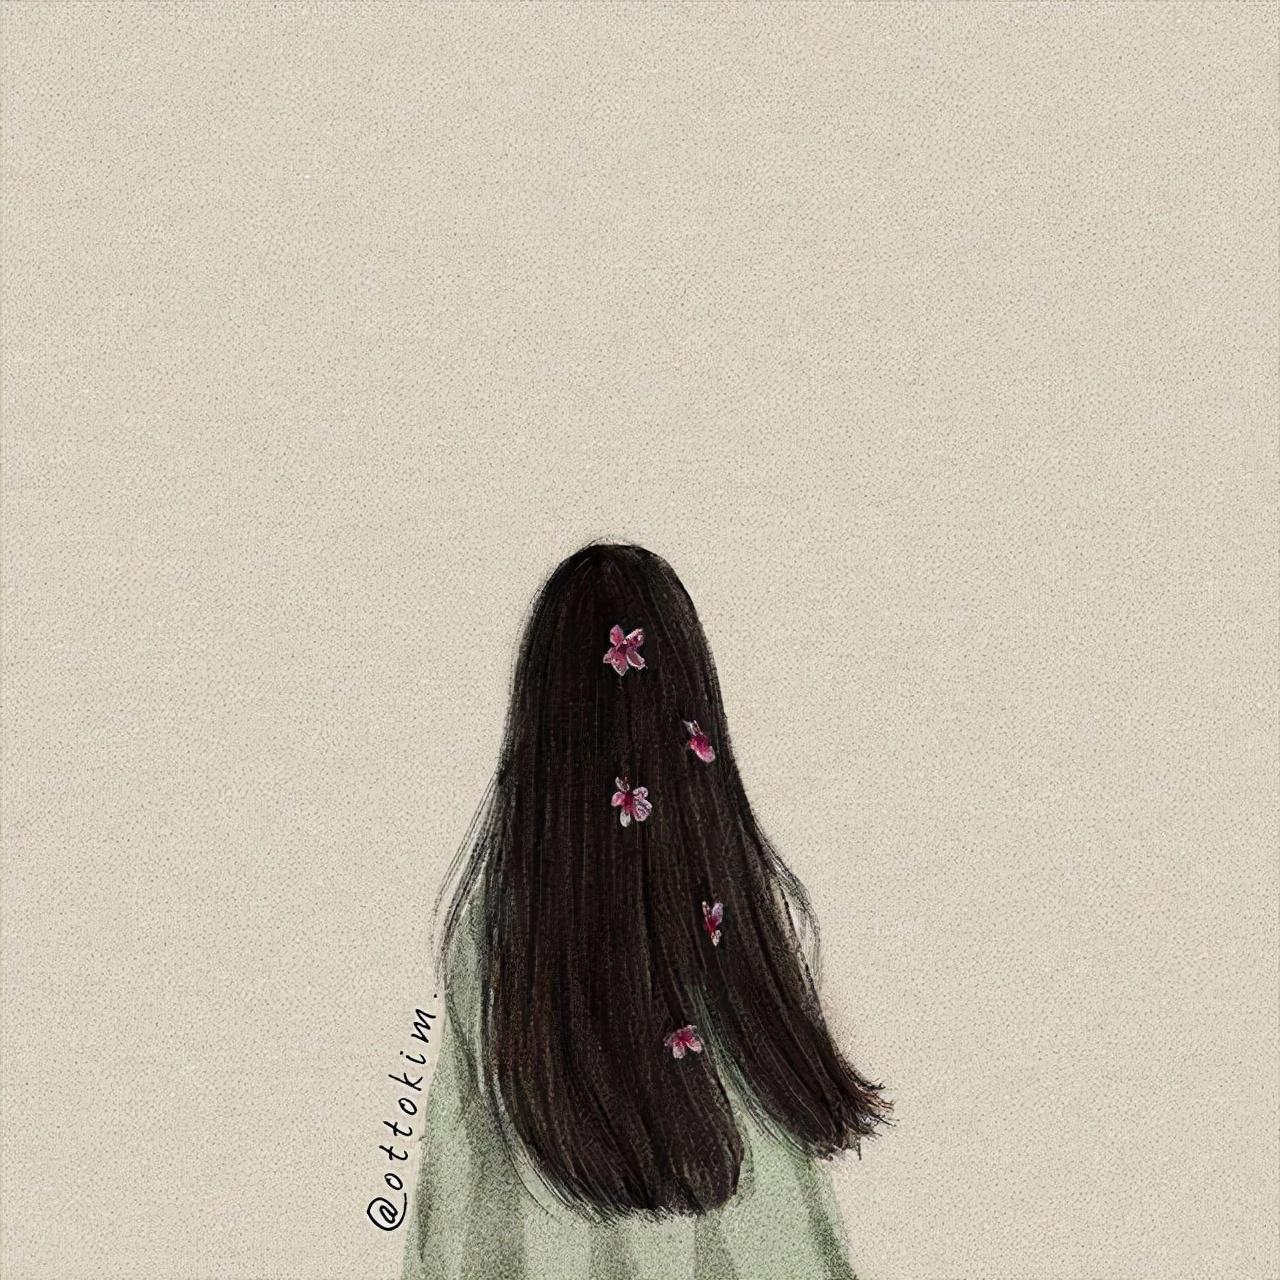 承受太多心累的句子,超级虐心,句句催泪